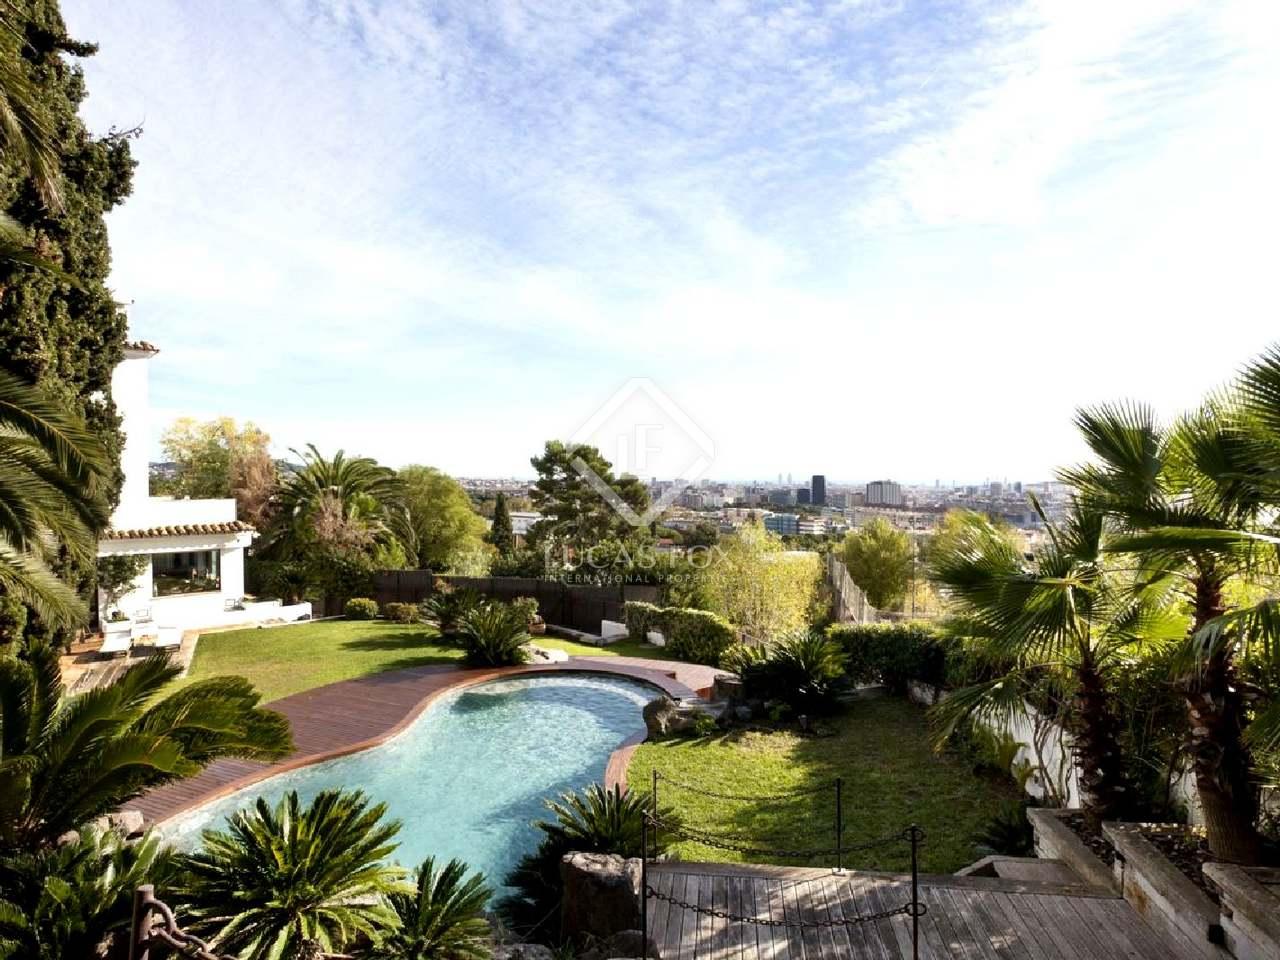 Casa de lujo en alquiler en pedralbes barcelona zona alta for Casa alquiler barcelona jardin